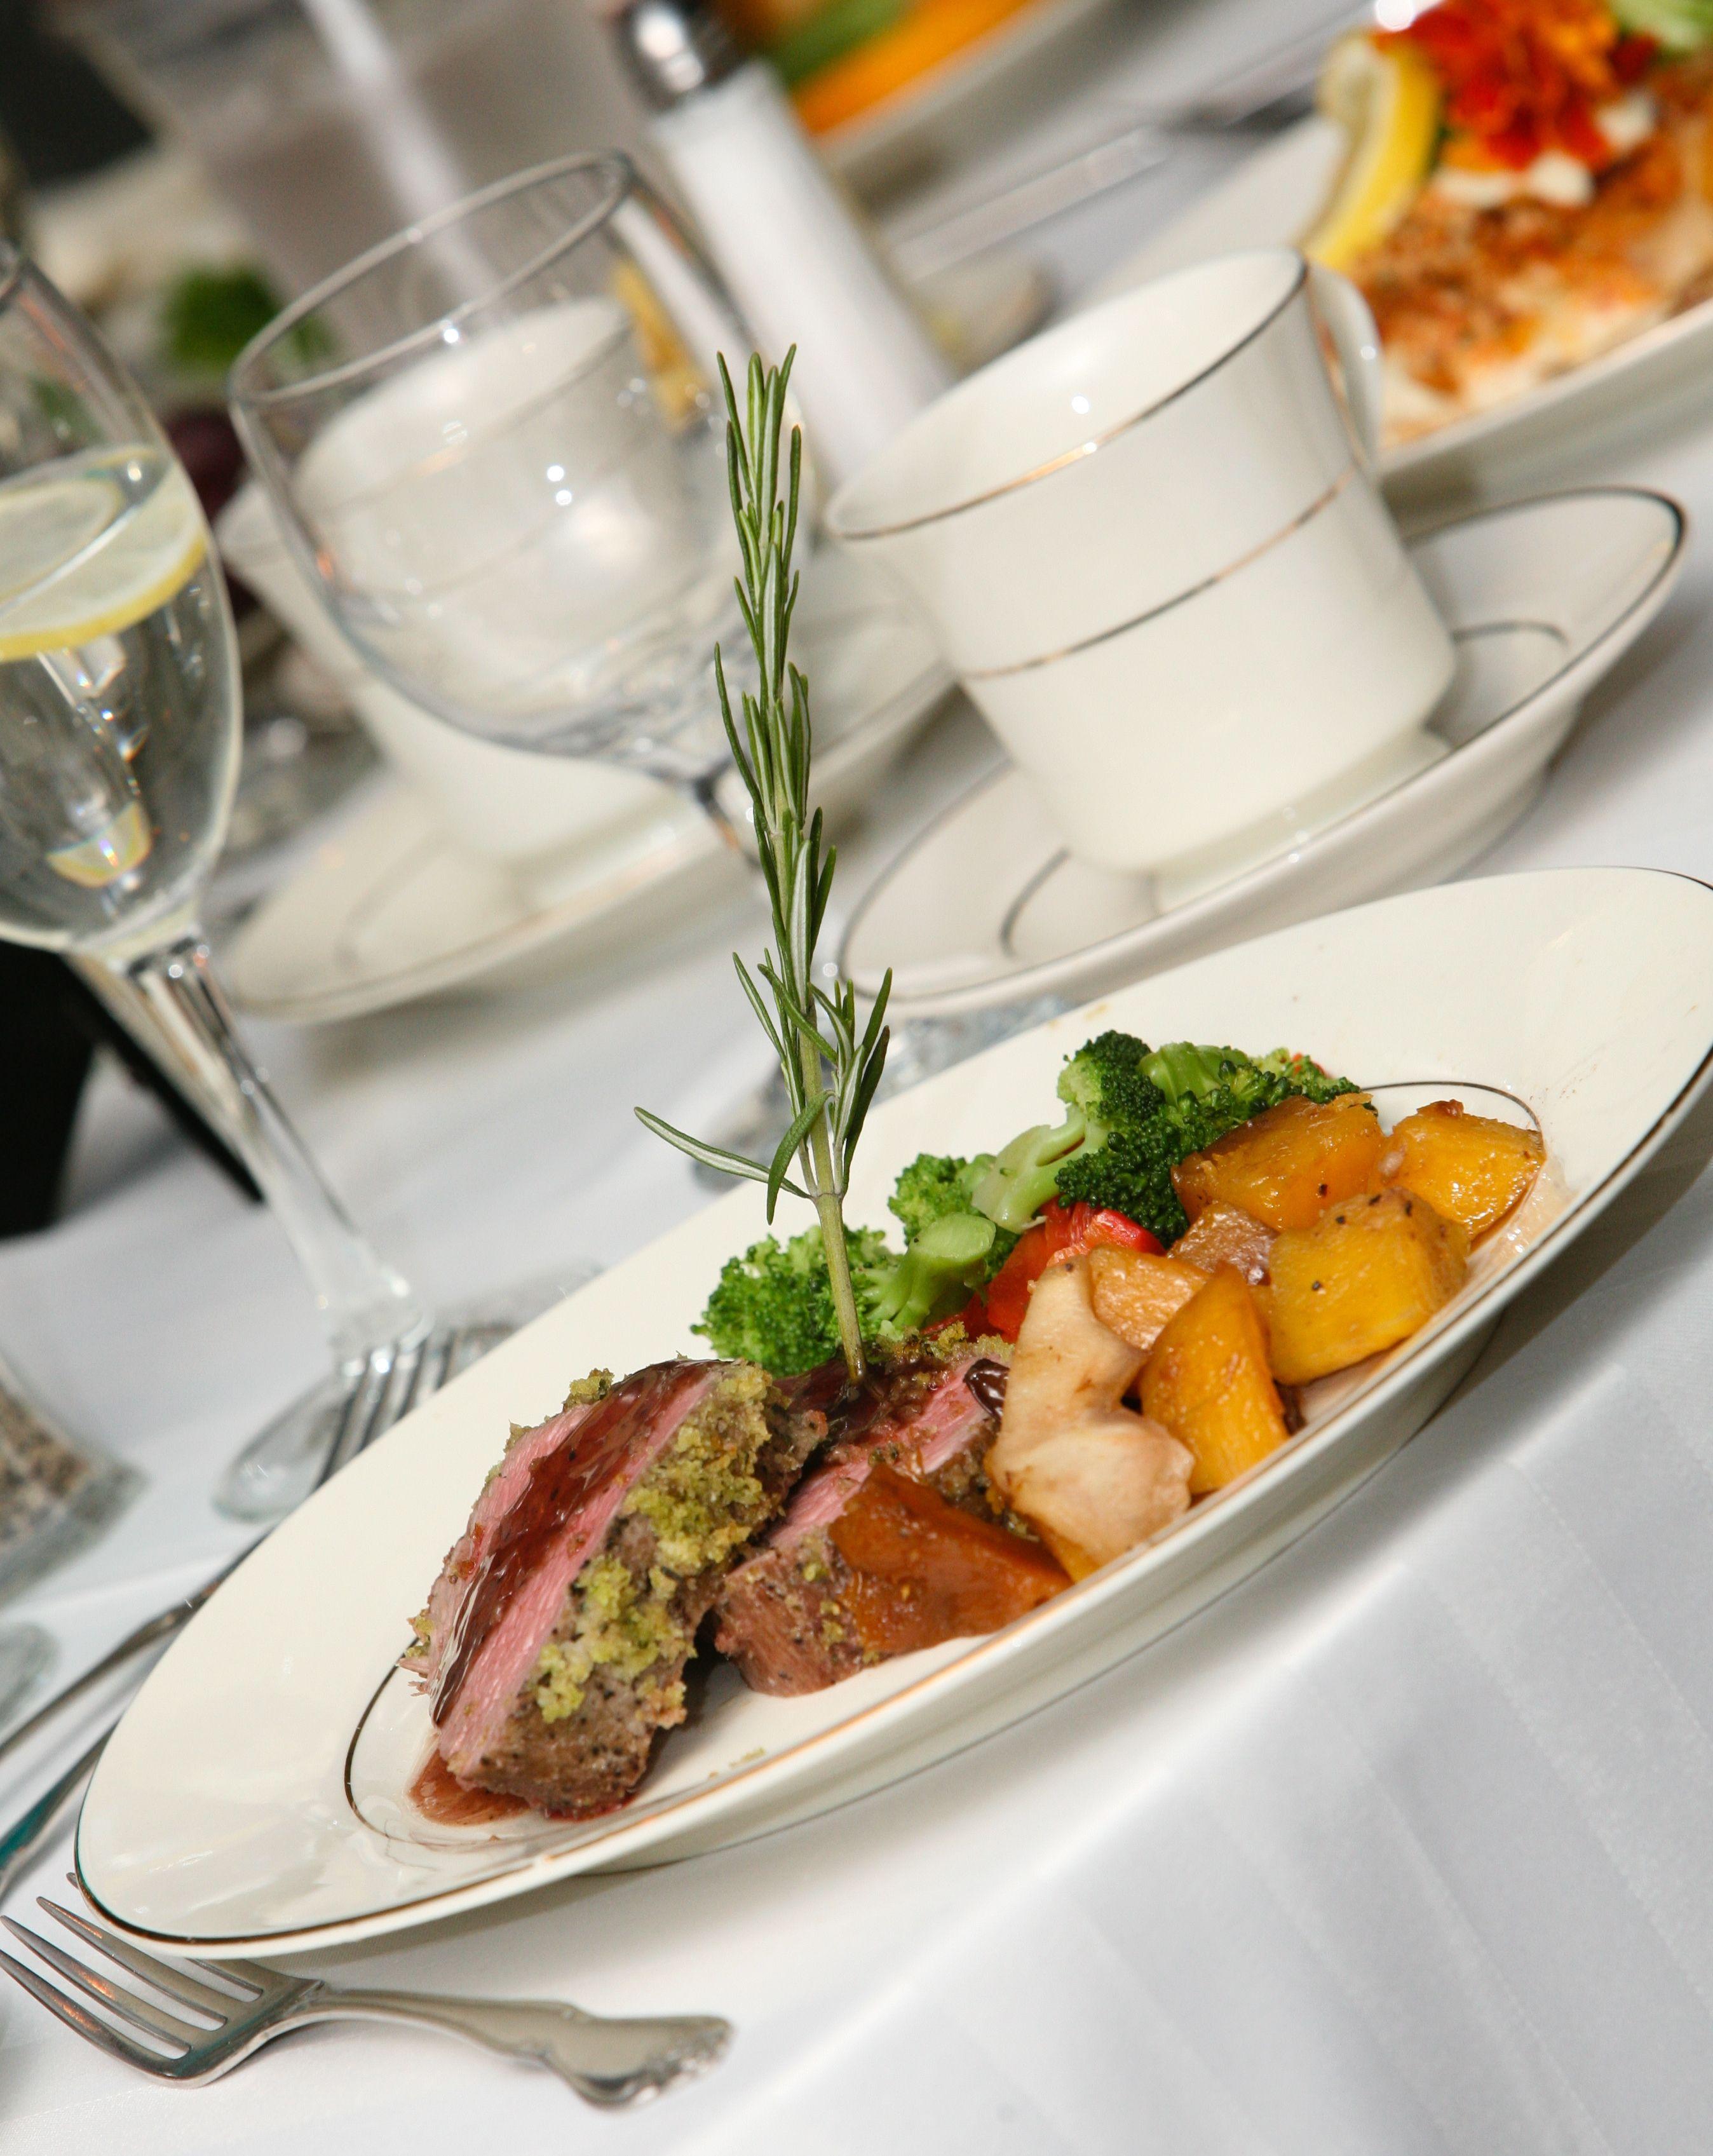 So delicious! #FineCateringbyRussellMorin    www.eccweddings.com